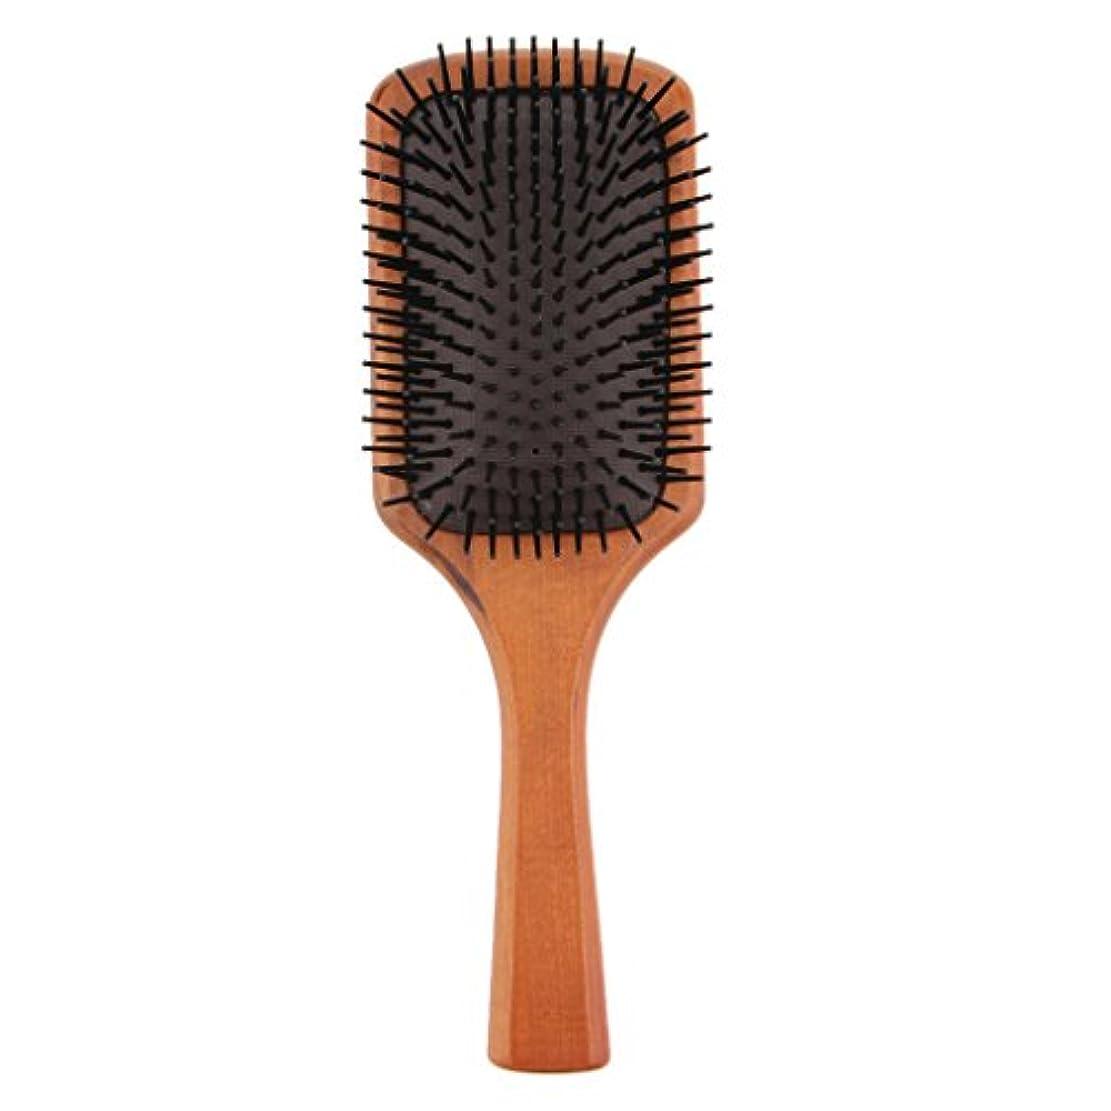 調和歌手フェローシップ木製コーム ヘアブラシ 櫛 ヘアダイコーム ヘアコーム 健康 光沢 髪 維持